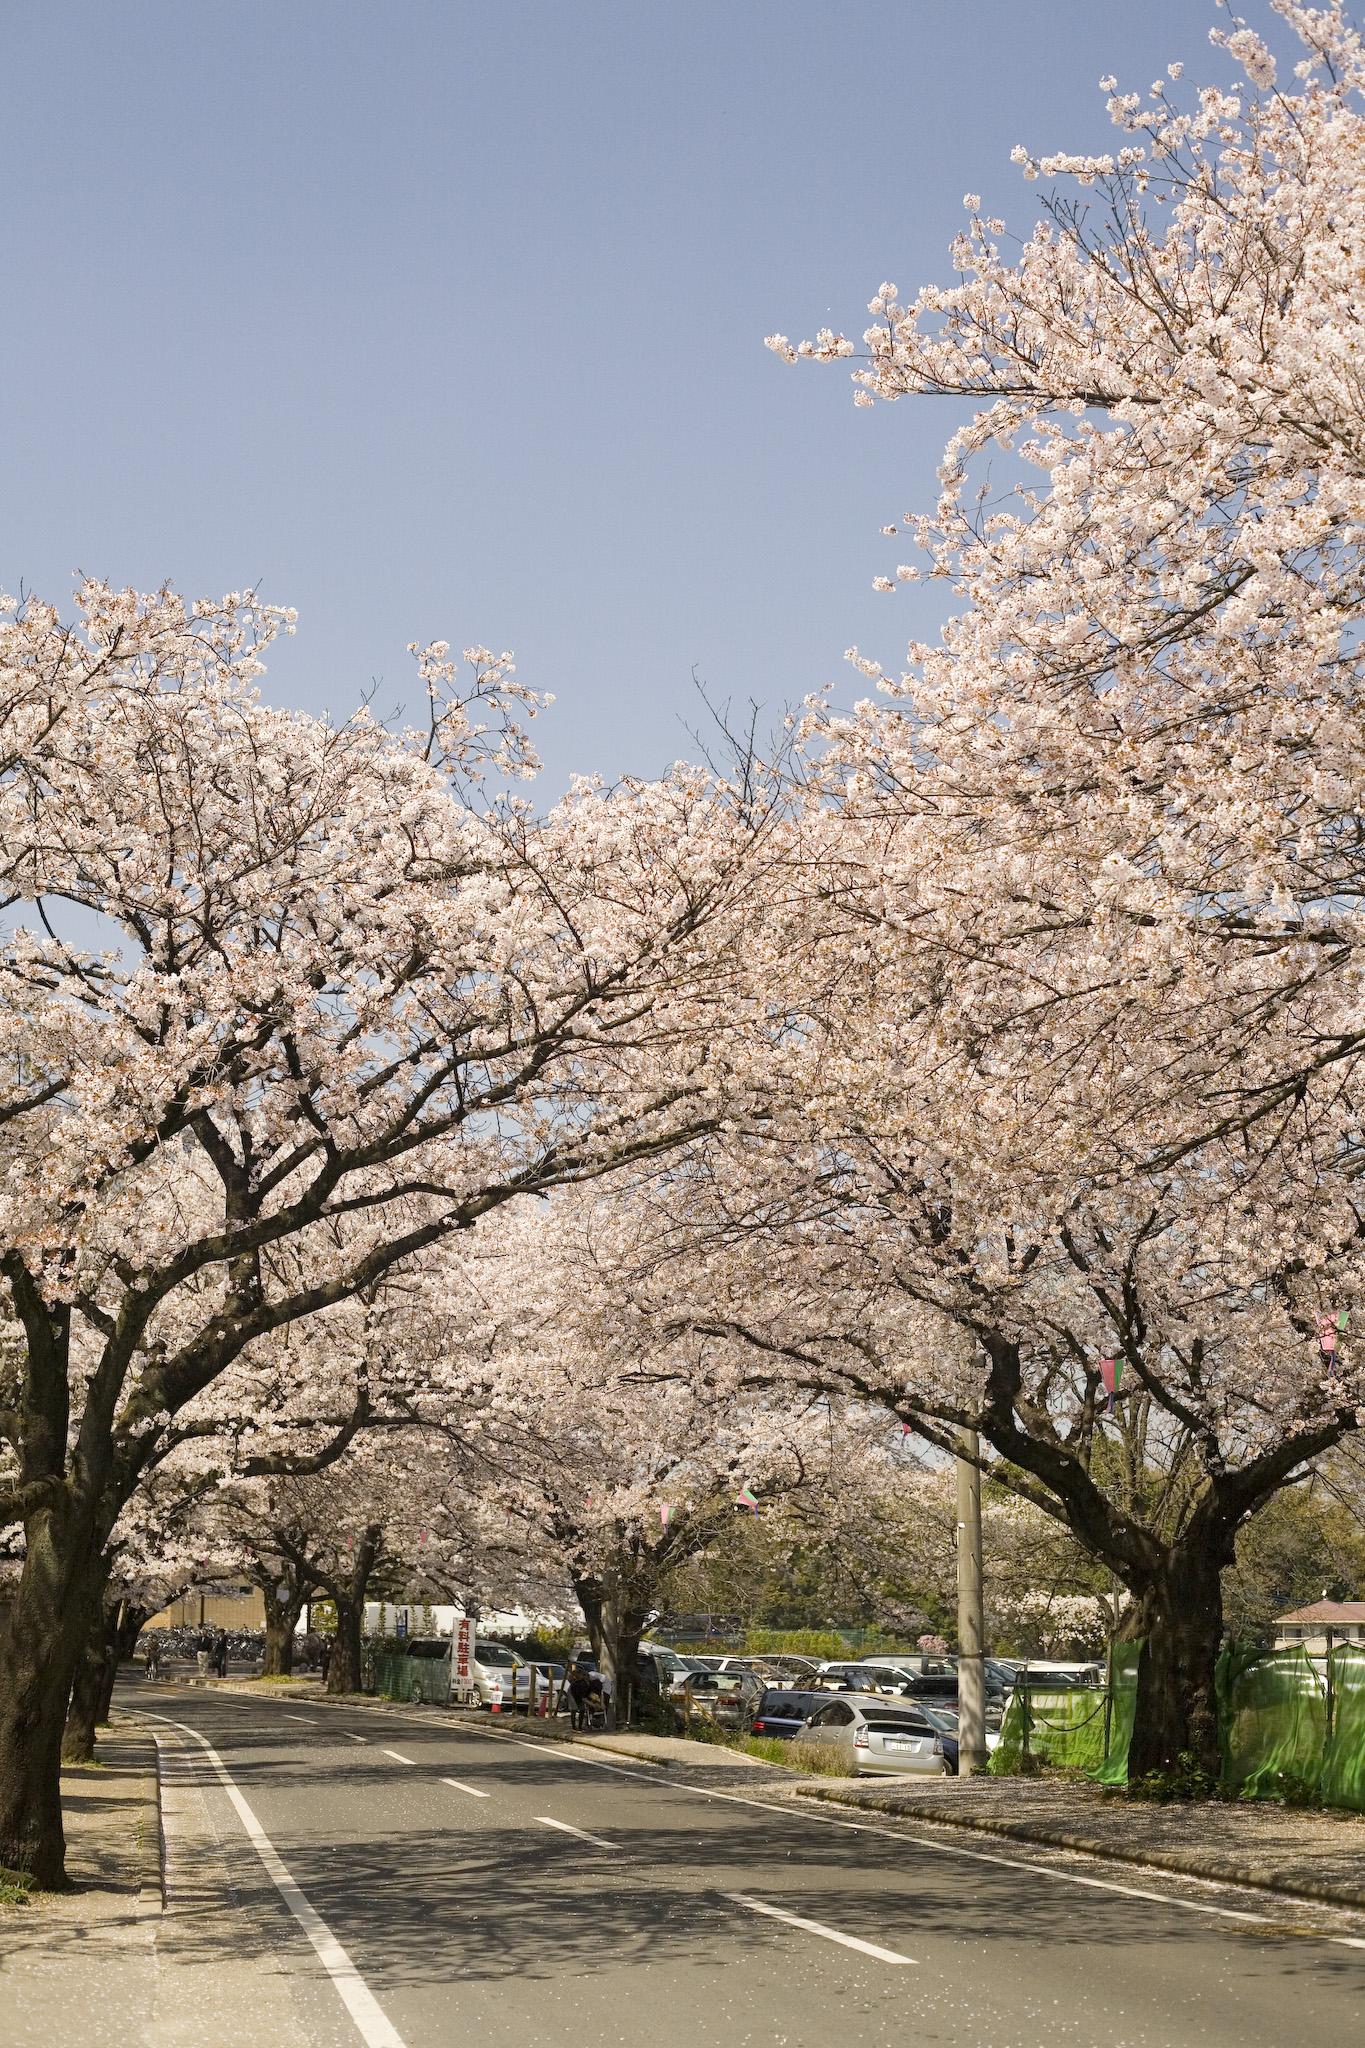 桜が咲いていた清水公園脇の道路